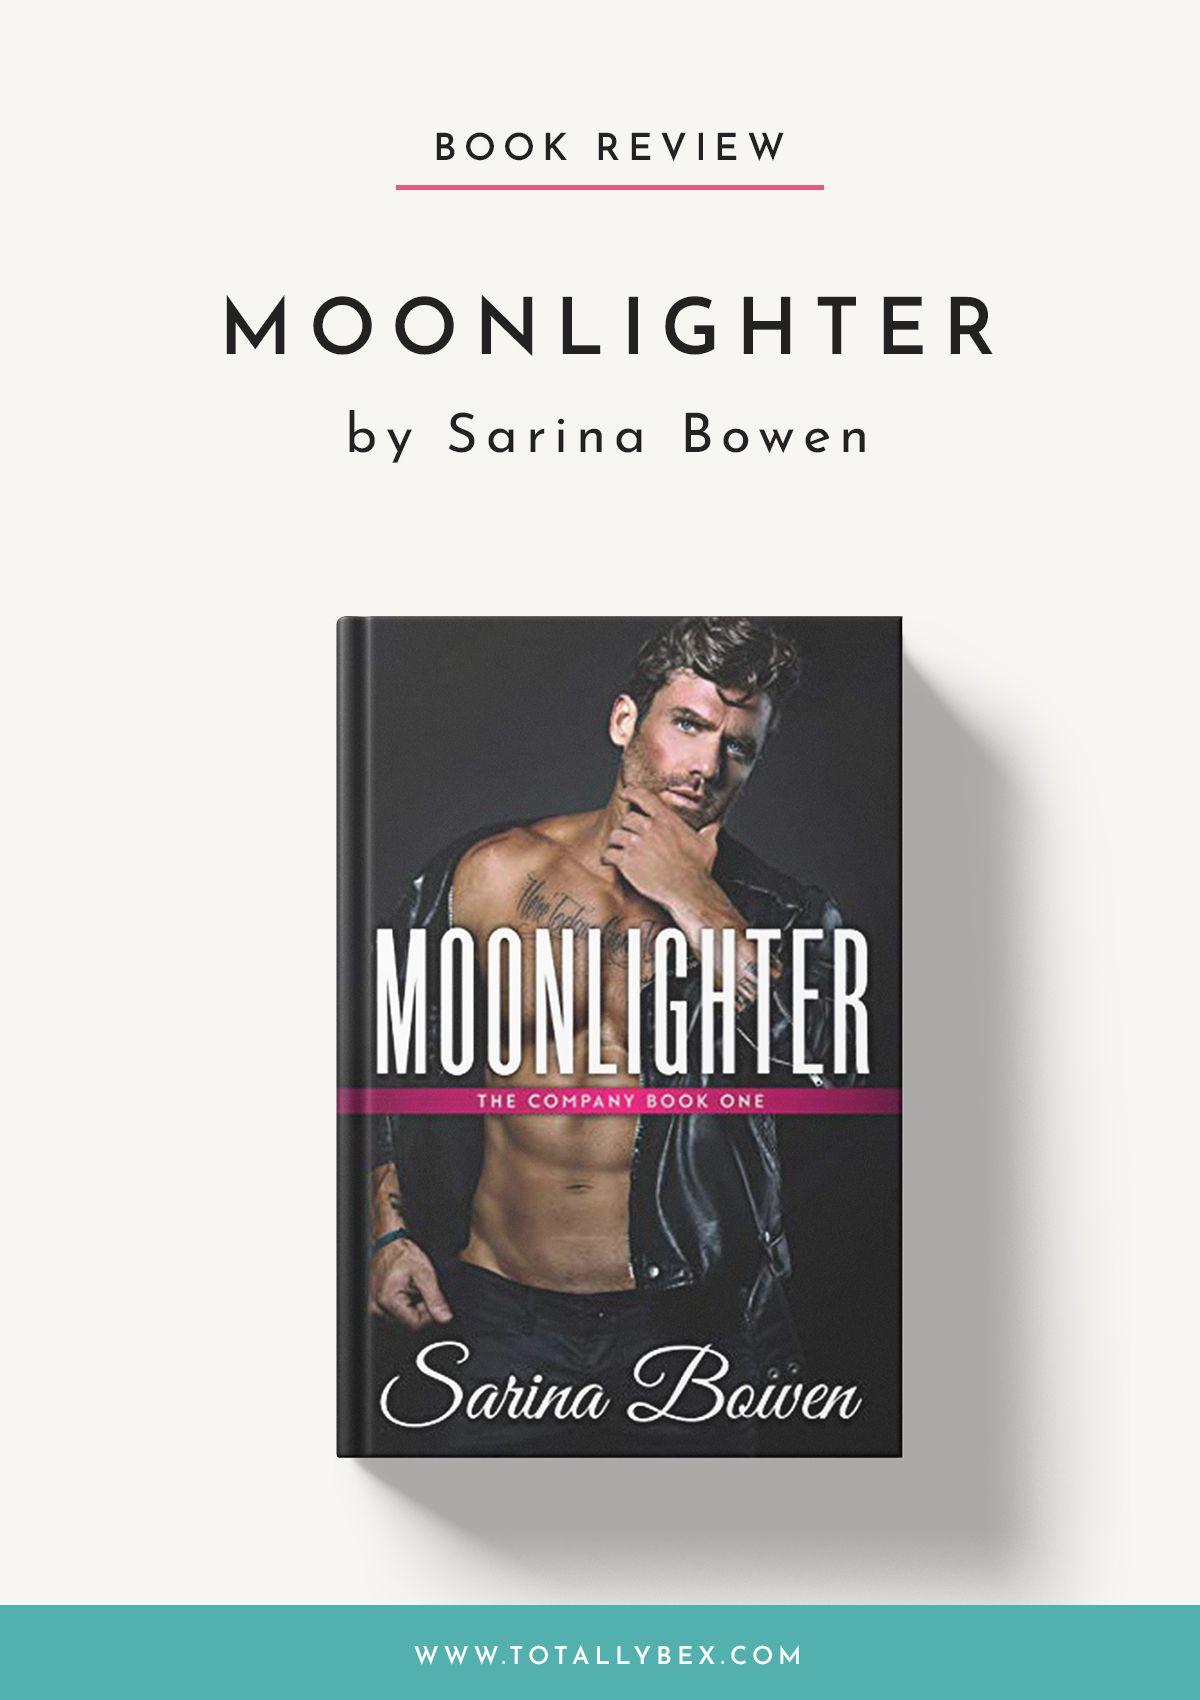 Moonlighter by Sarina Bowen More Than Just a Hockey